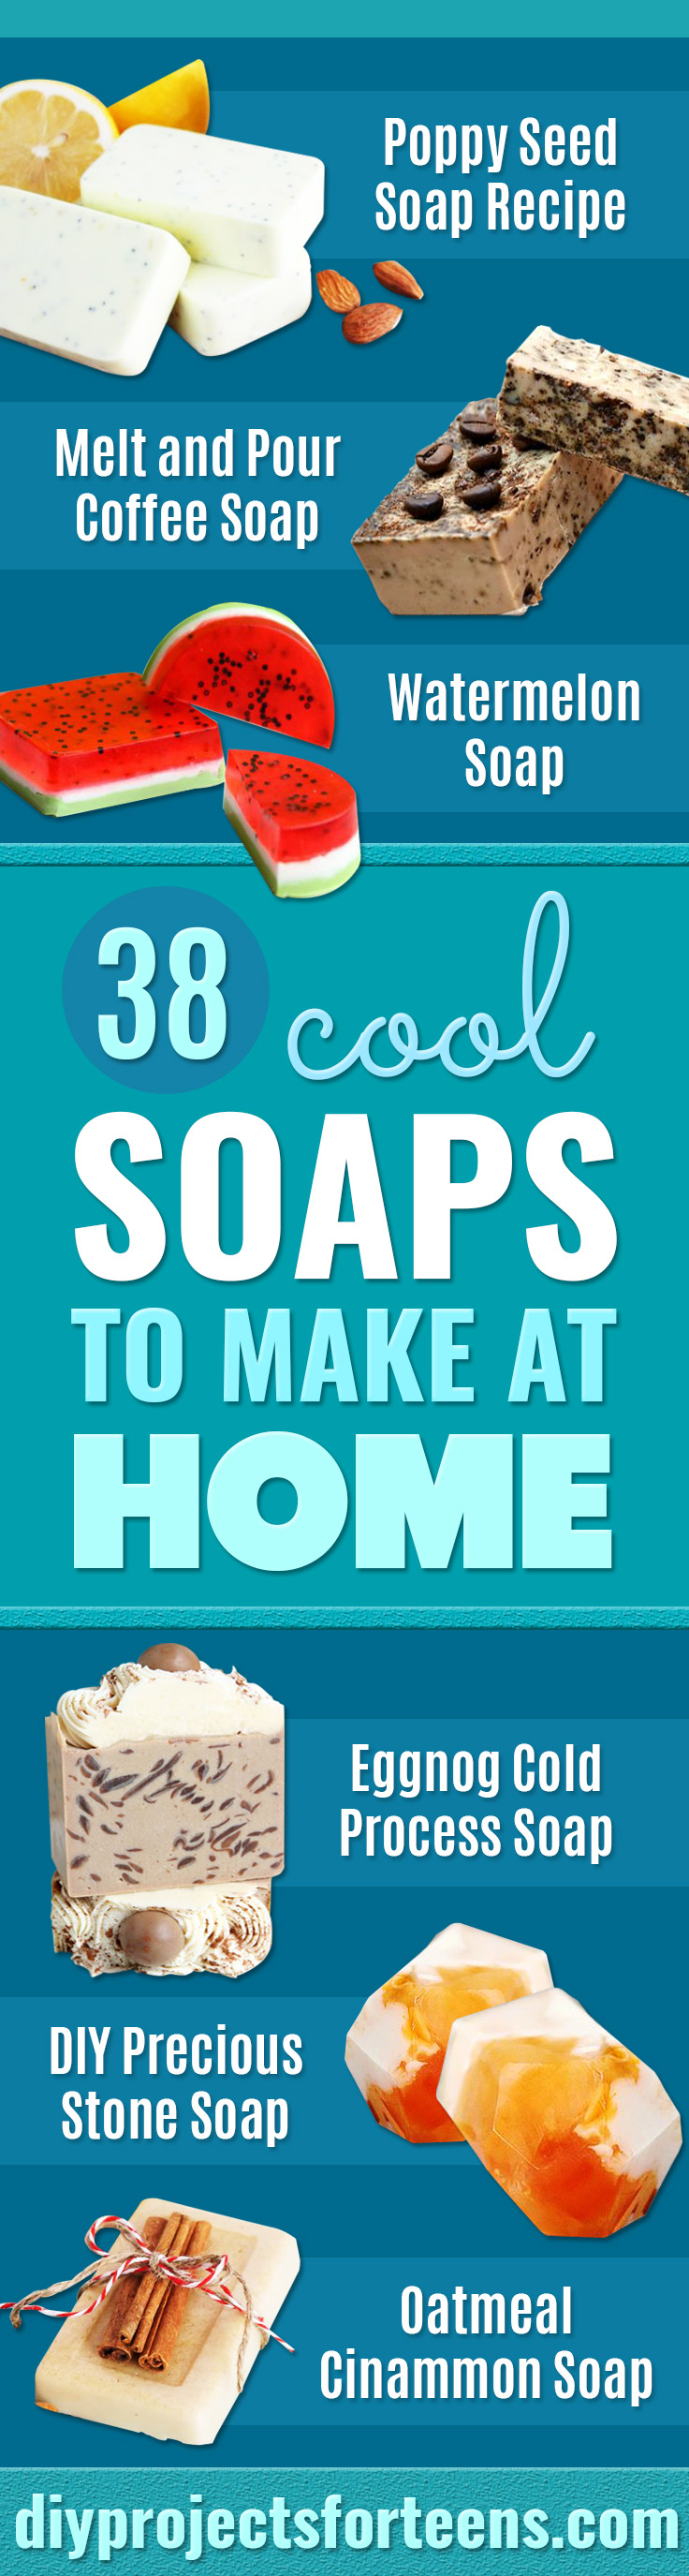 38 coole Seifen zu Hause machen